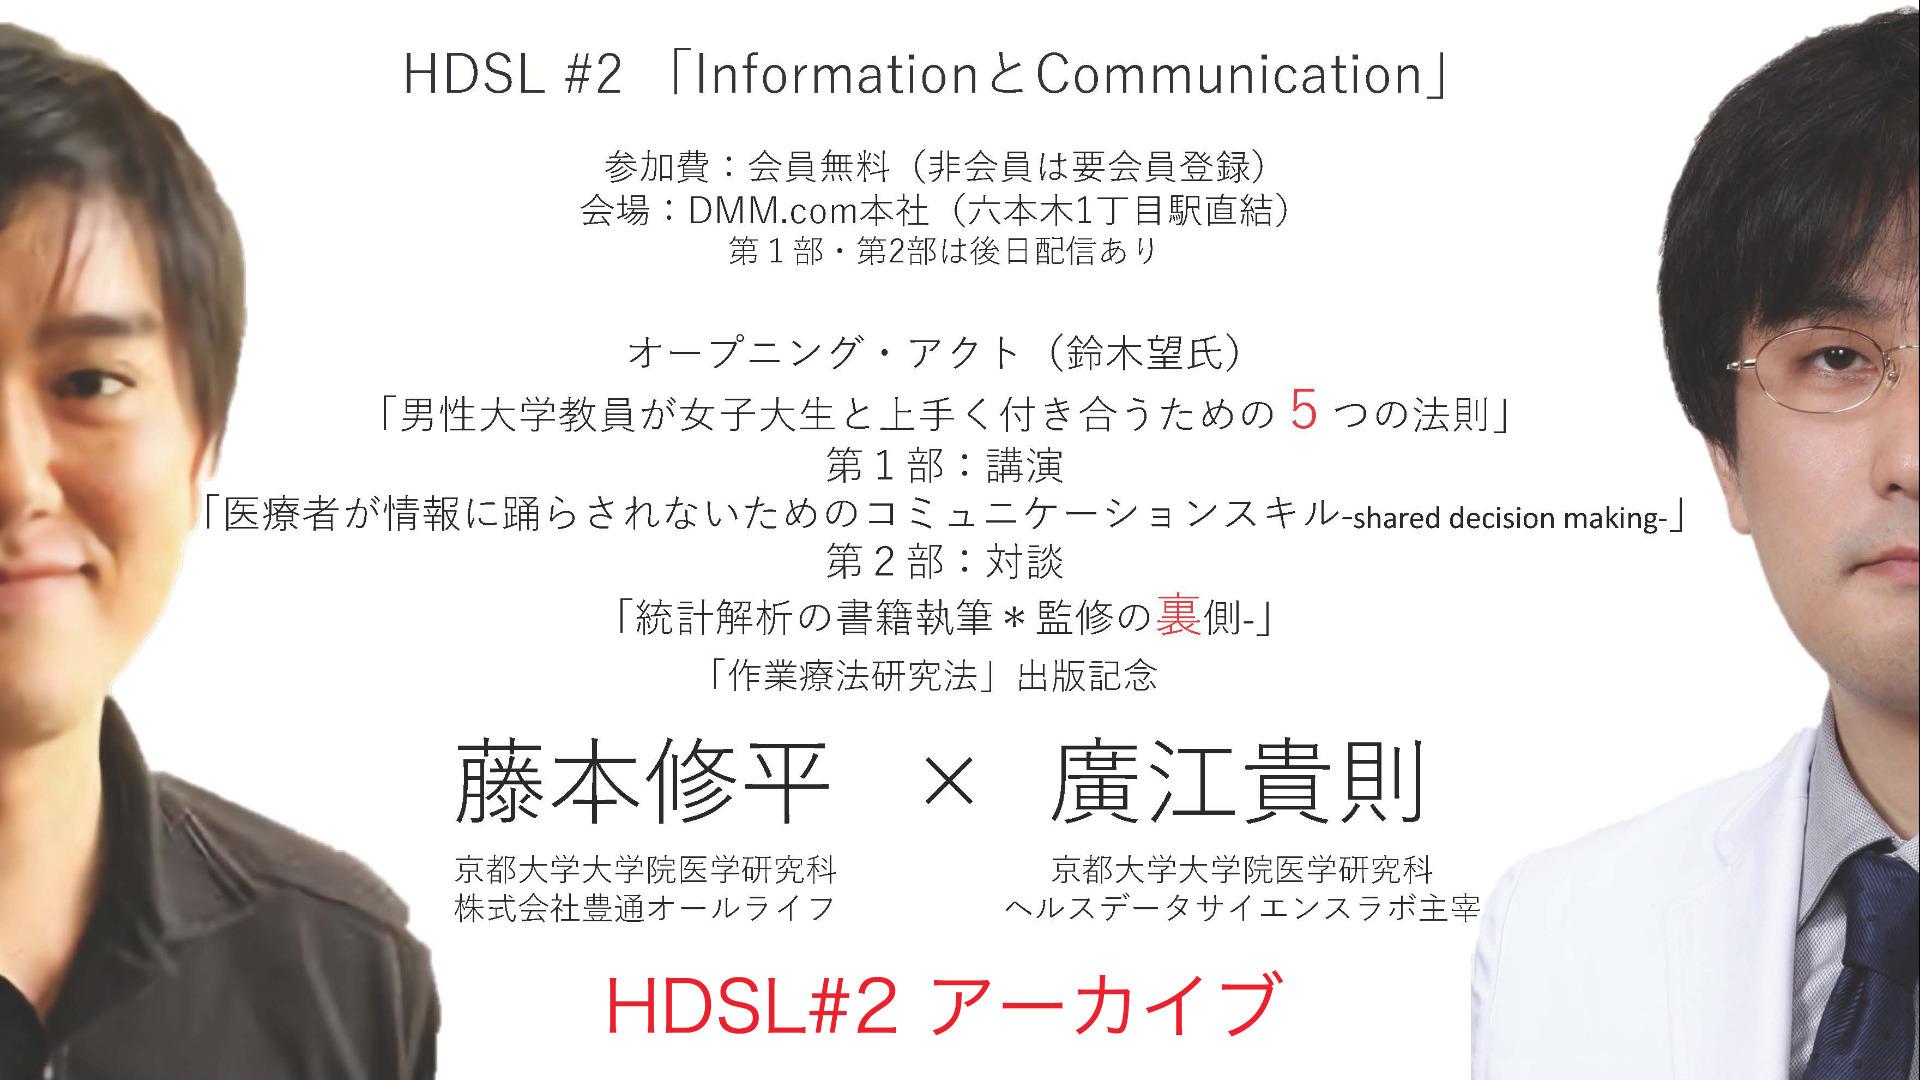 ヘルスデータサイエンスラボ:HDSL #2(2017/12/09)